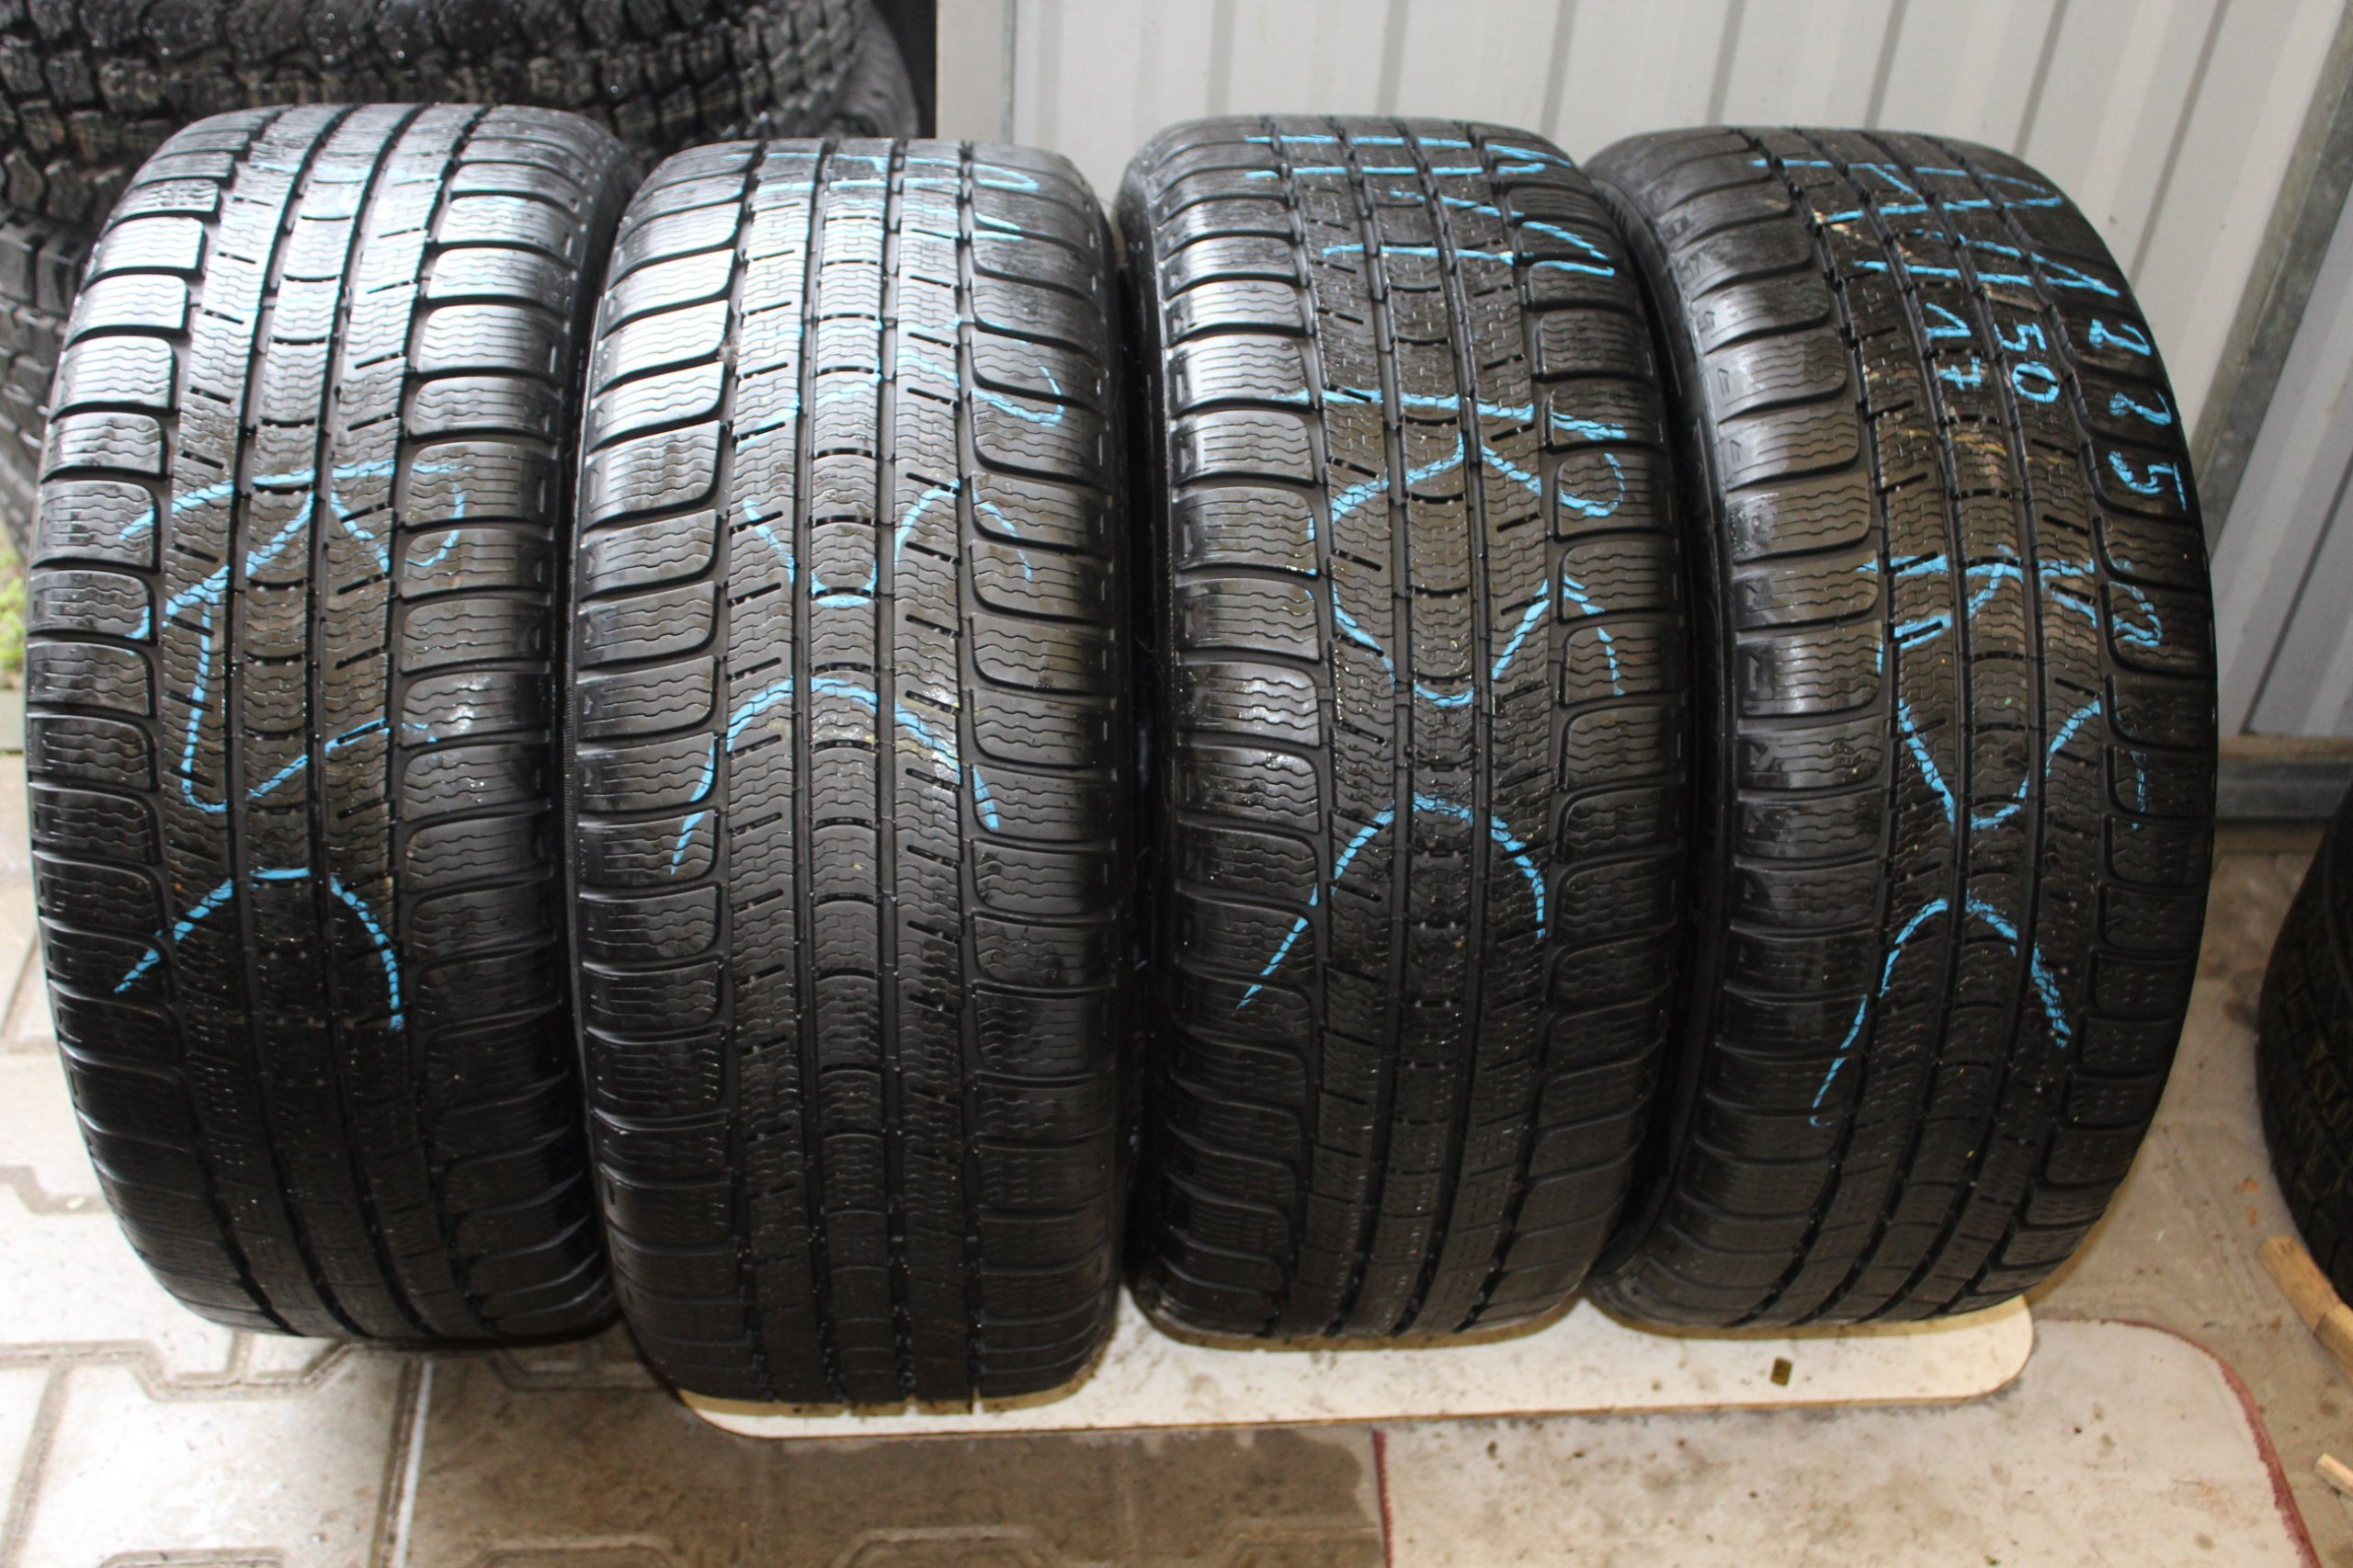 4 Opony Zimowe 2255017 Michelin 6950651802 Oficjalne Archiwum